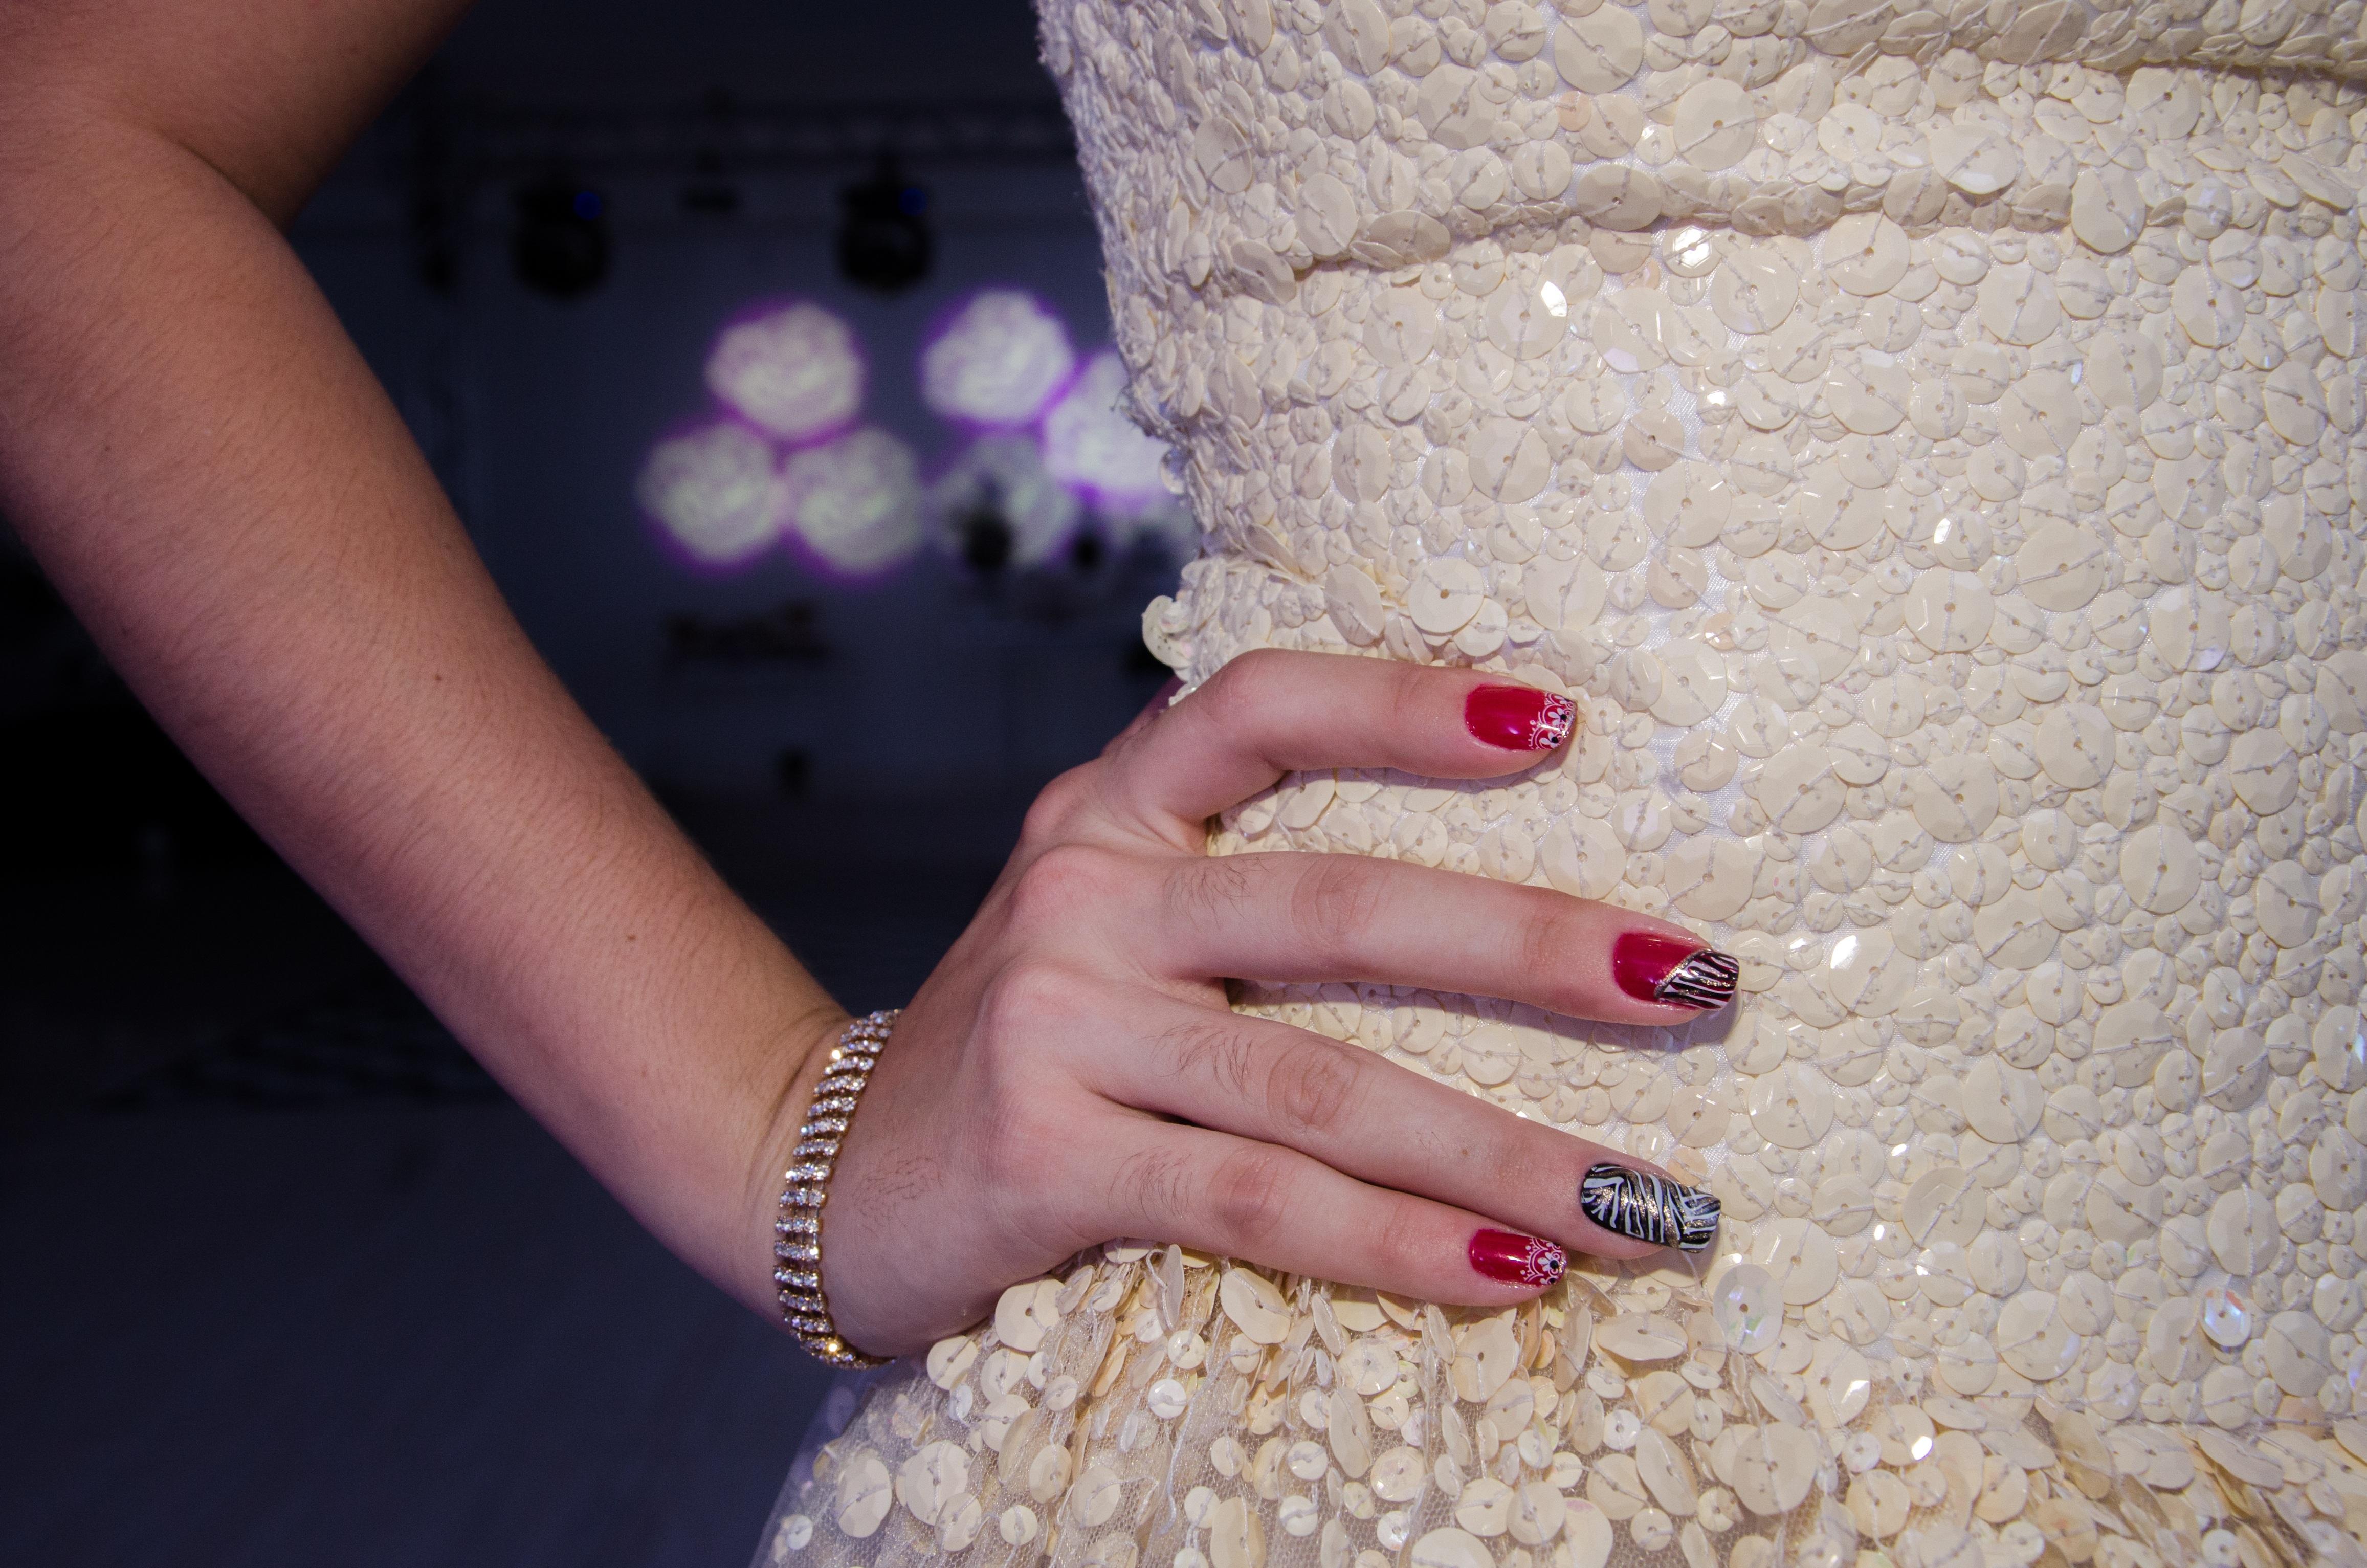 Fotos gratis : mano, pierna, dedo, color, azul, rosado, uña, labio ...